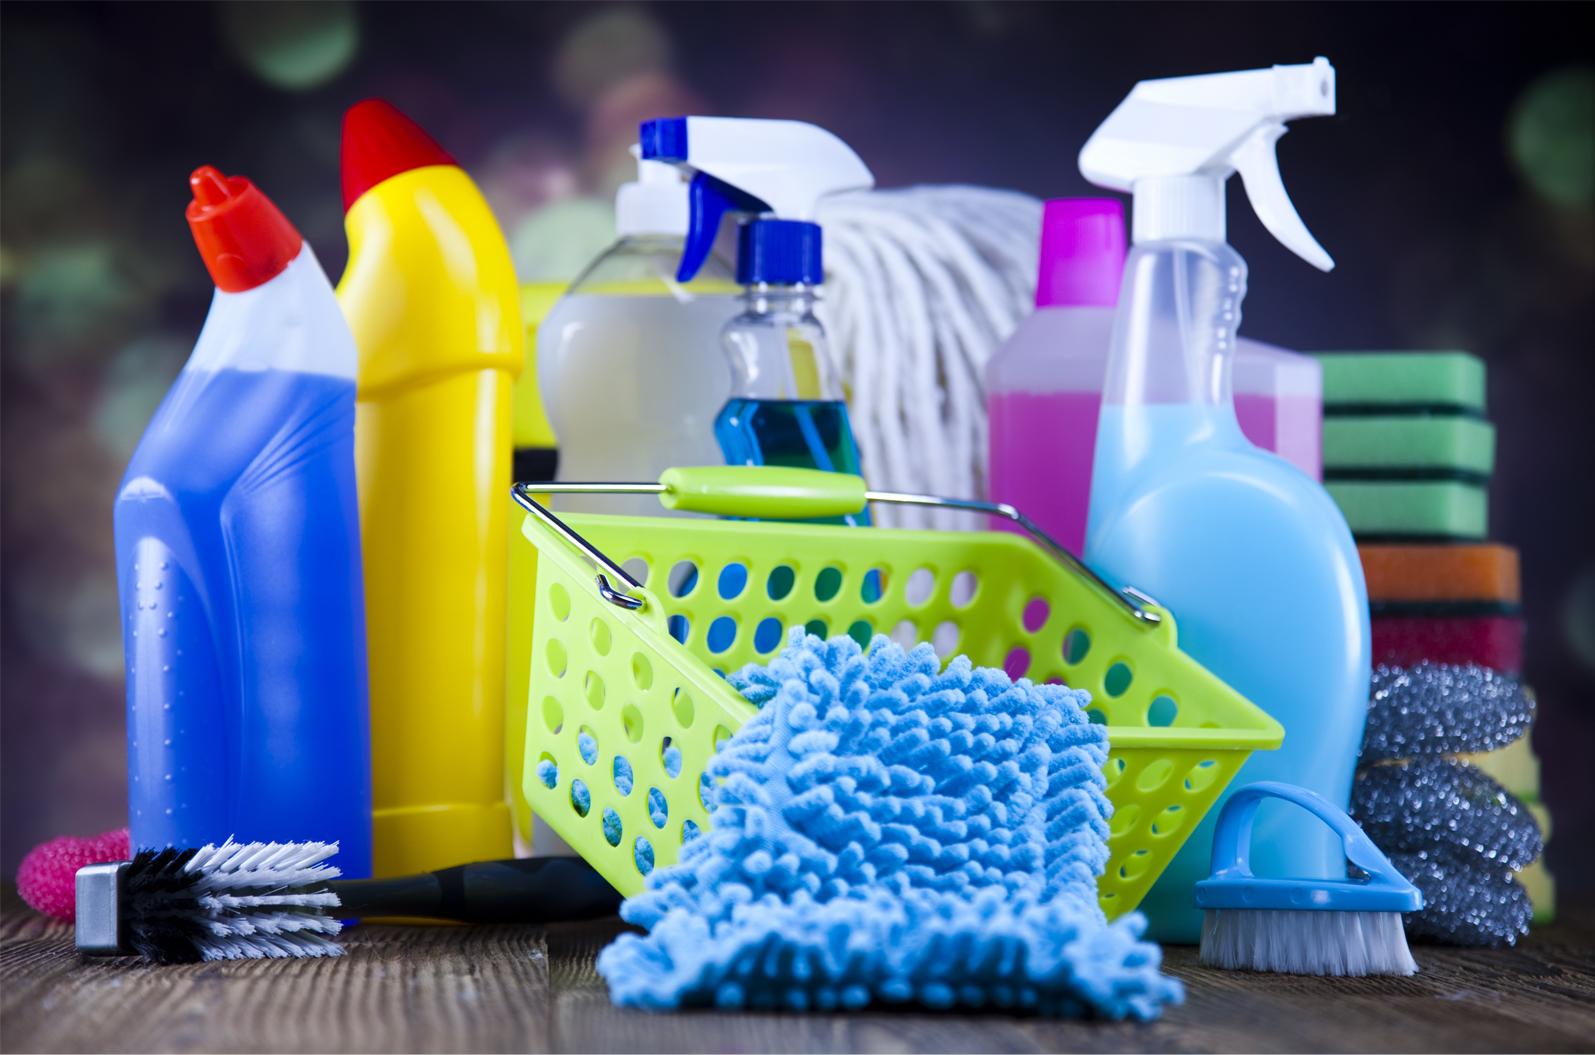 Много функций в одной вещи: 7 необычных применений в быту отпаривателя одежды